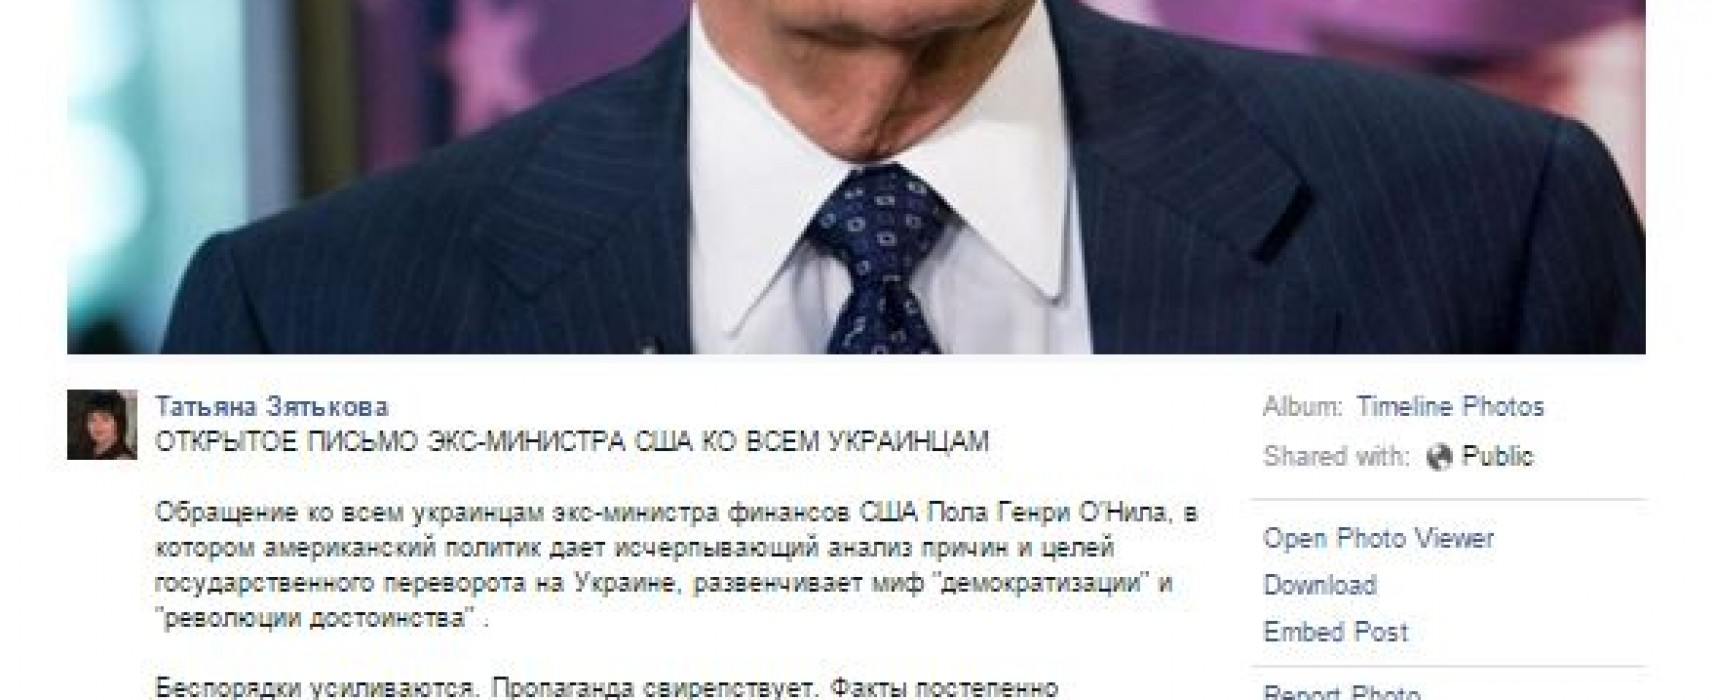 Фейк: Экс-министр США раскритиковал Евромайдан